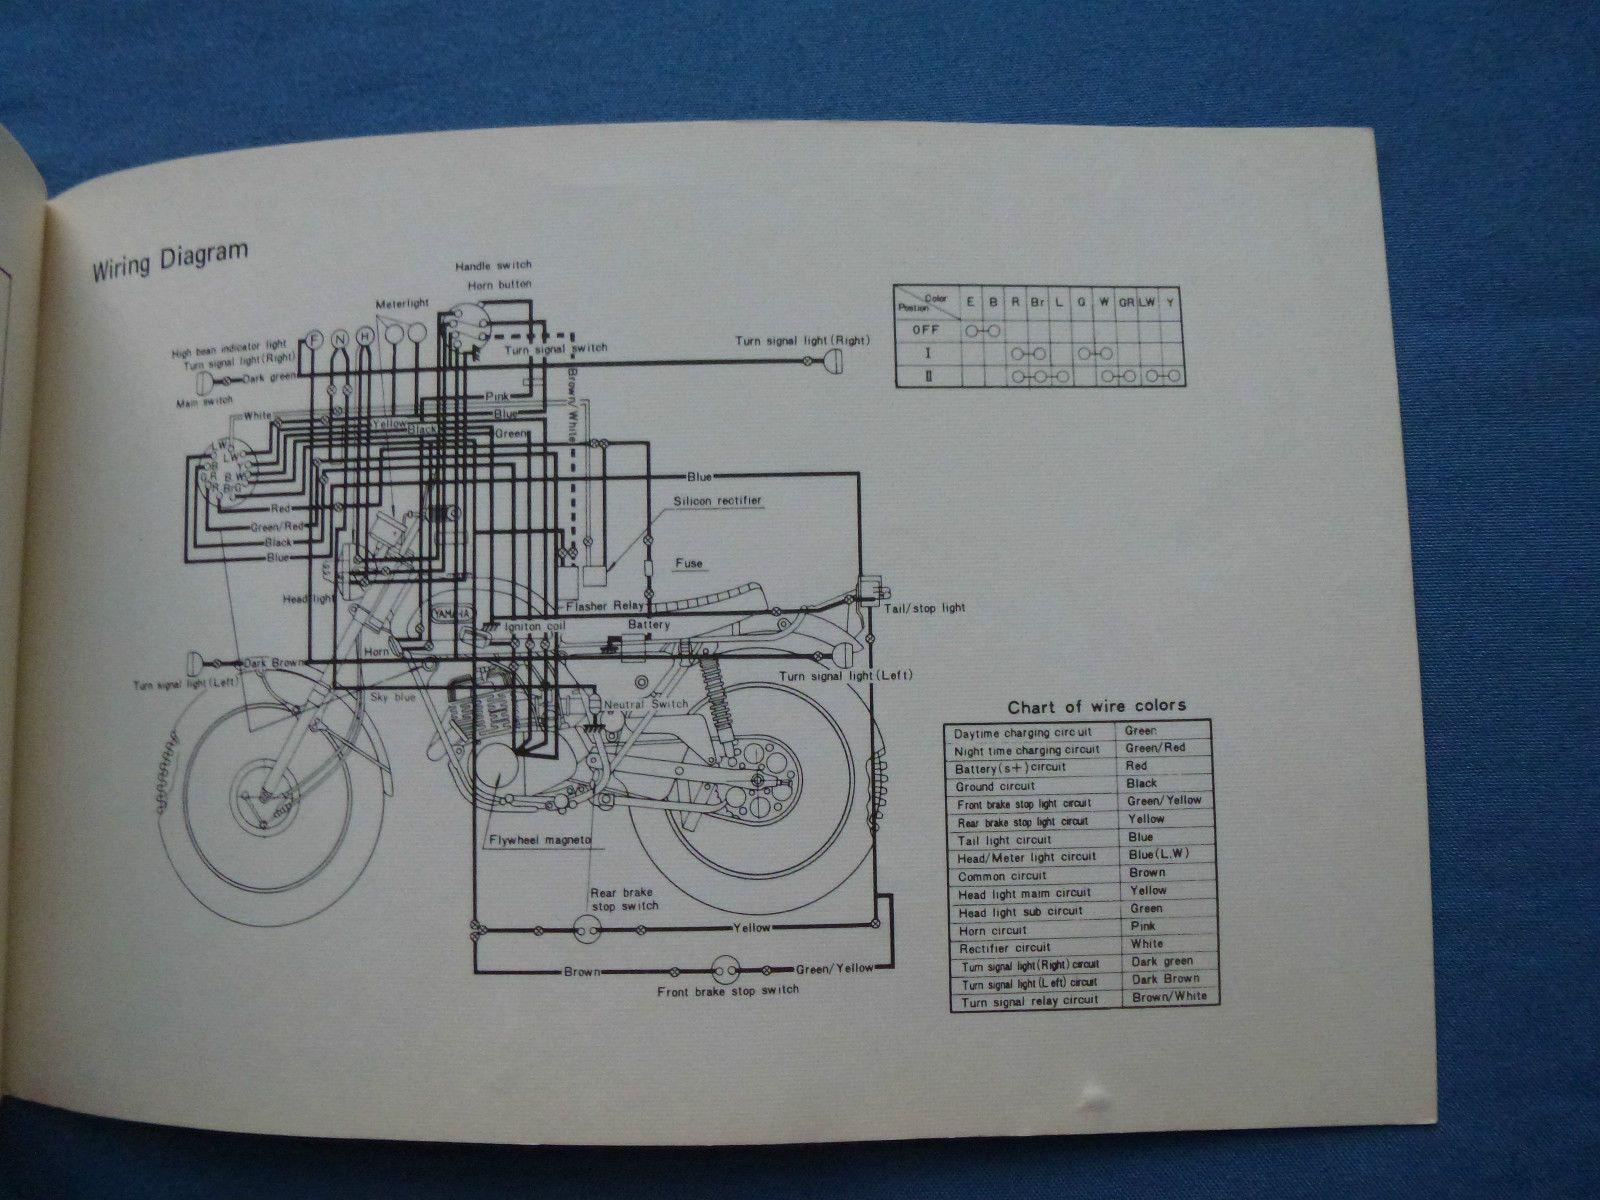 yamaha 175 ct3 enduro owner s manual owners manual and manual yamaha 175 ct3 enduro owner s manual owners manual